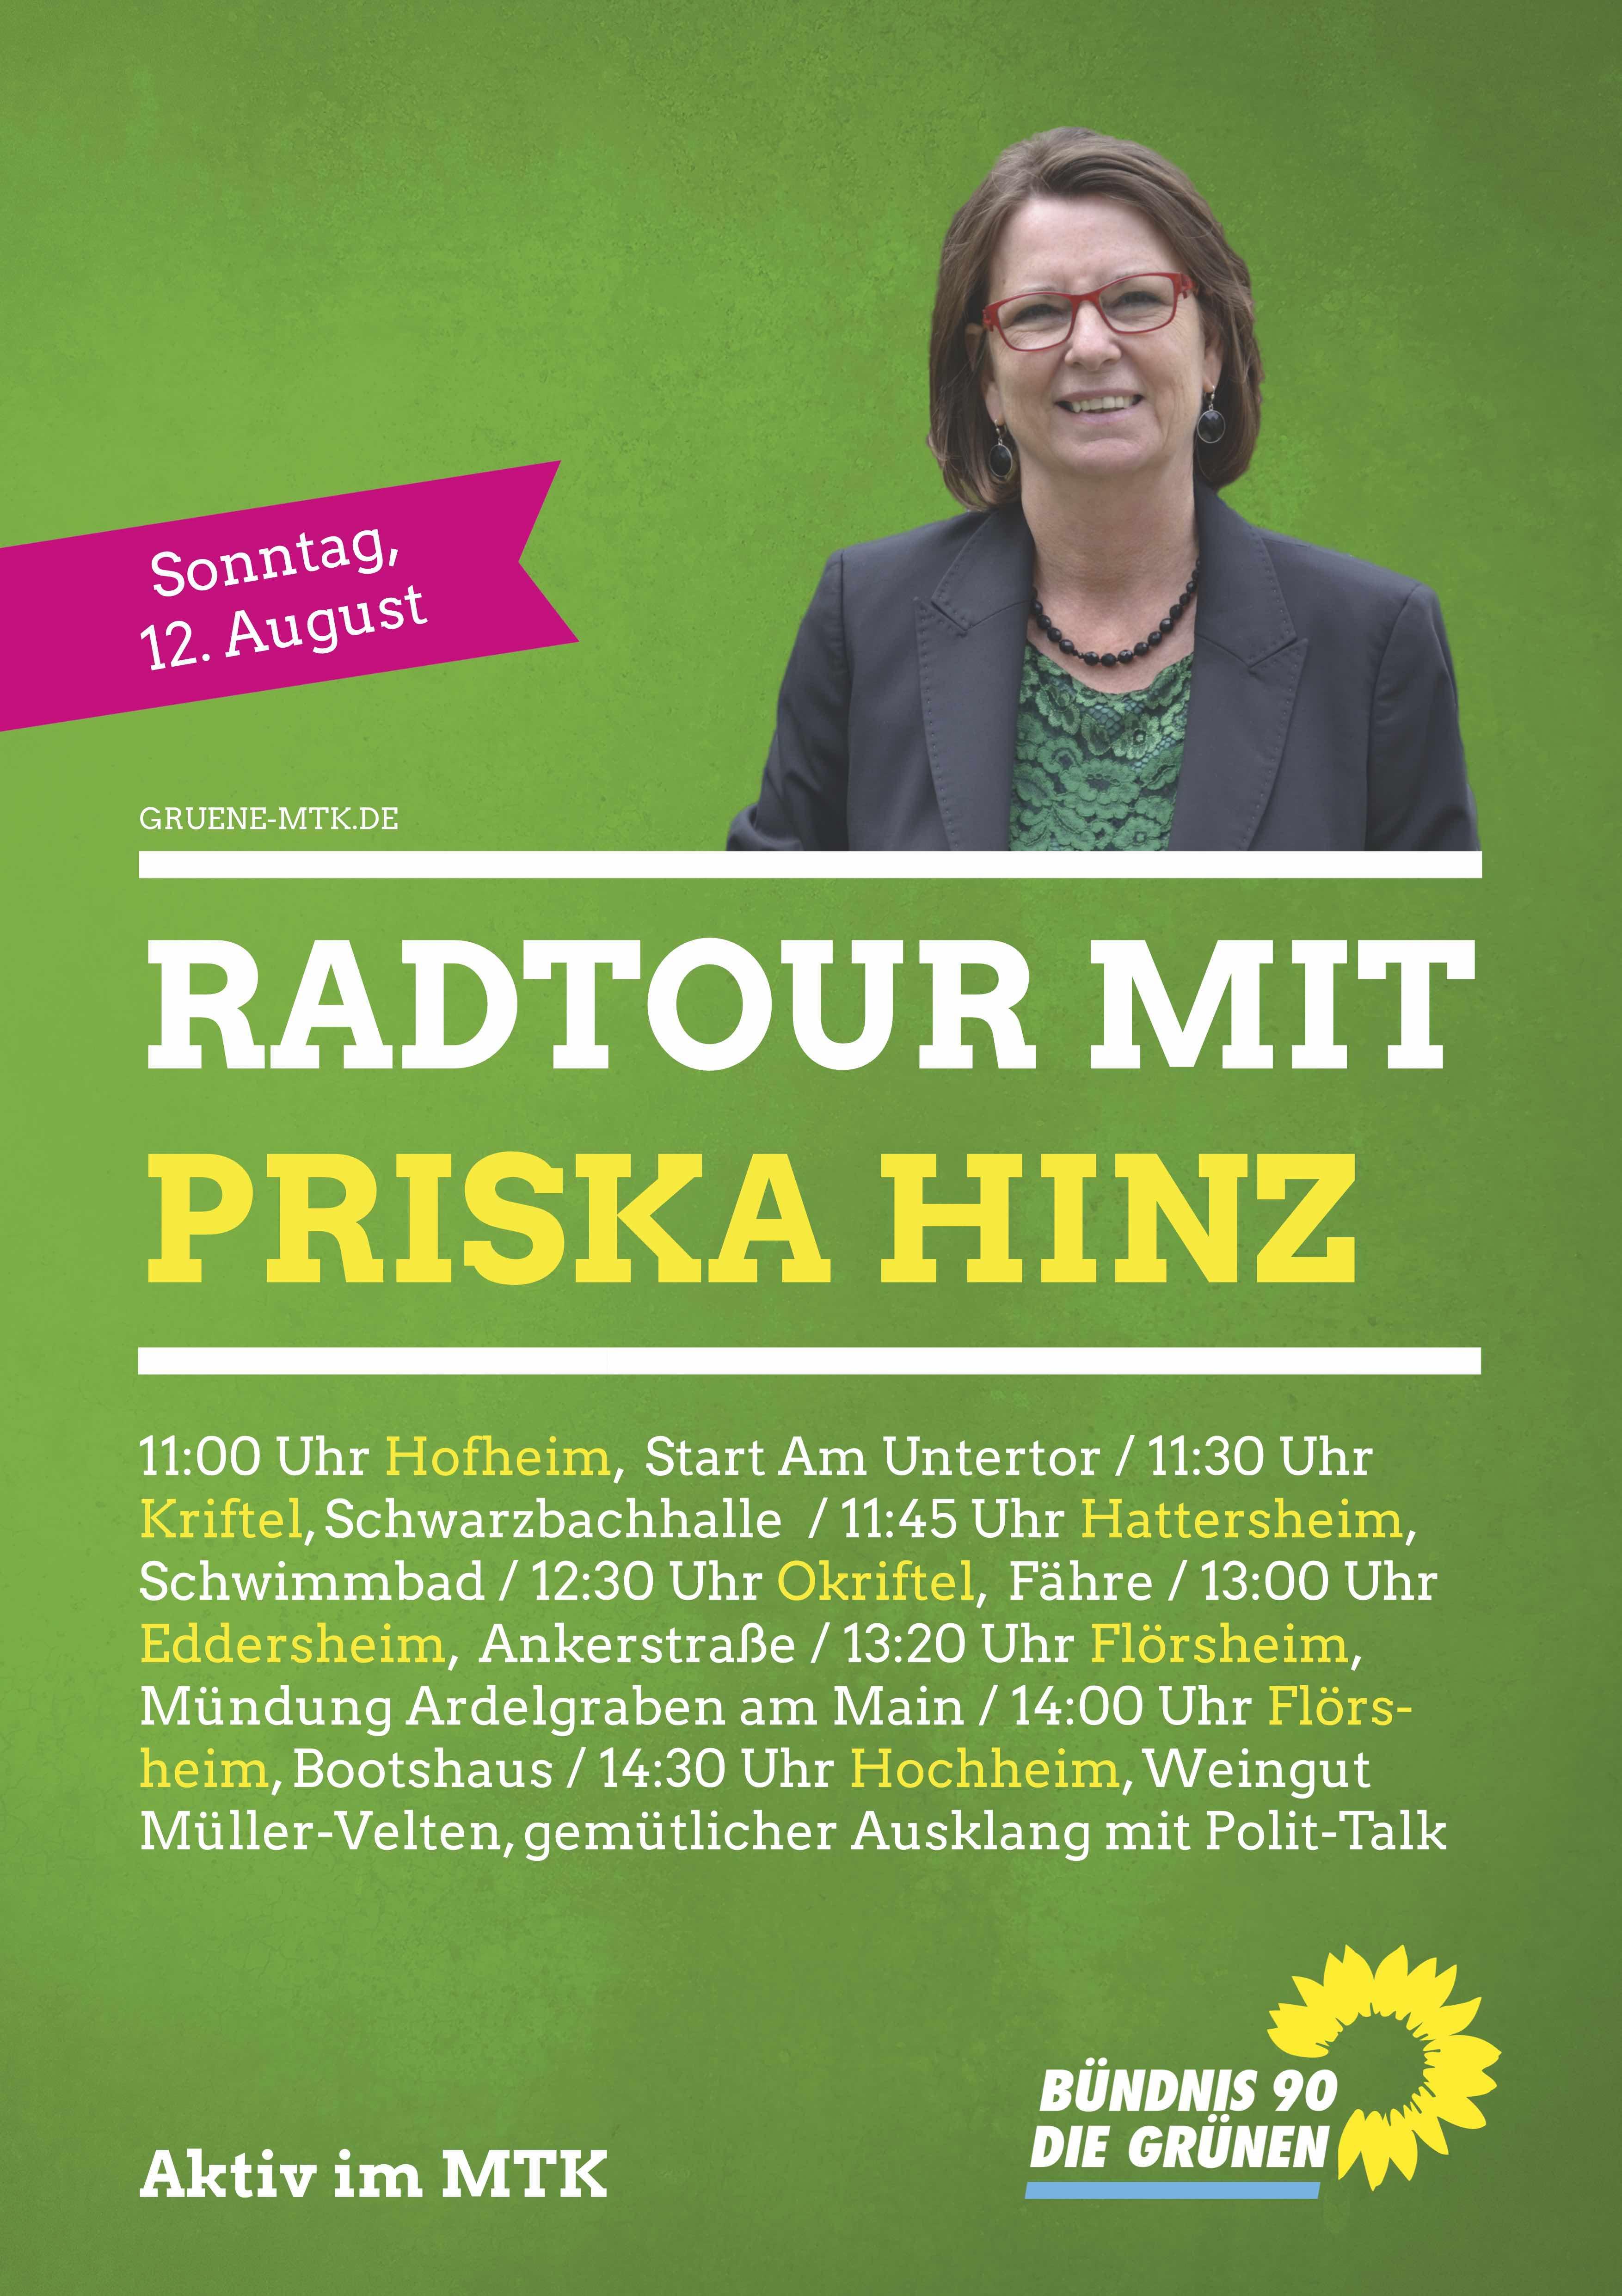 12. August: Radtour mit der hessischen Ministerin Priska Hinz